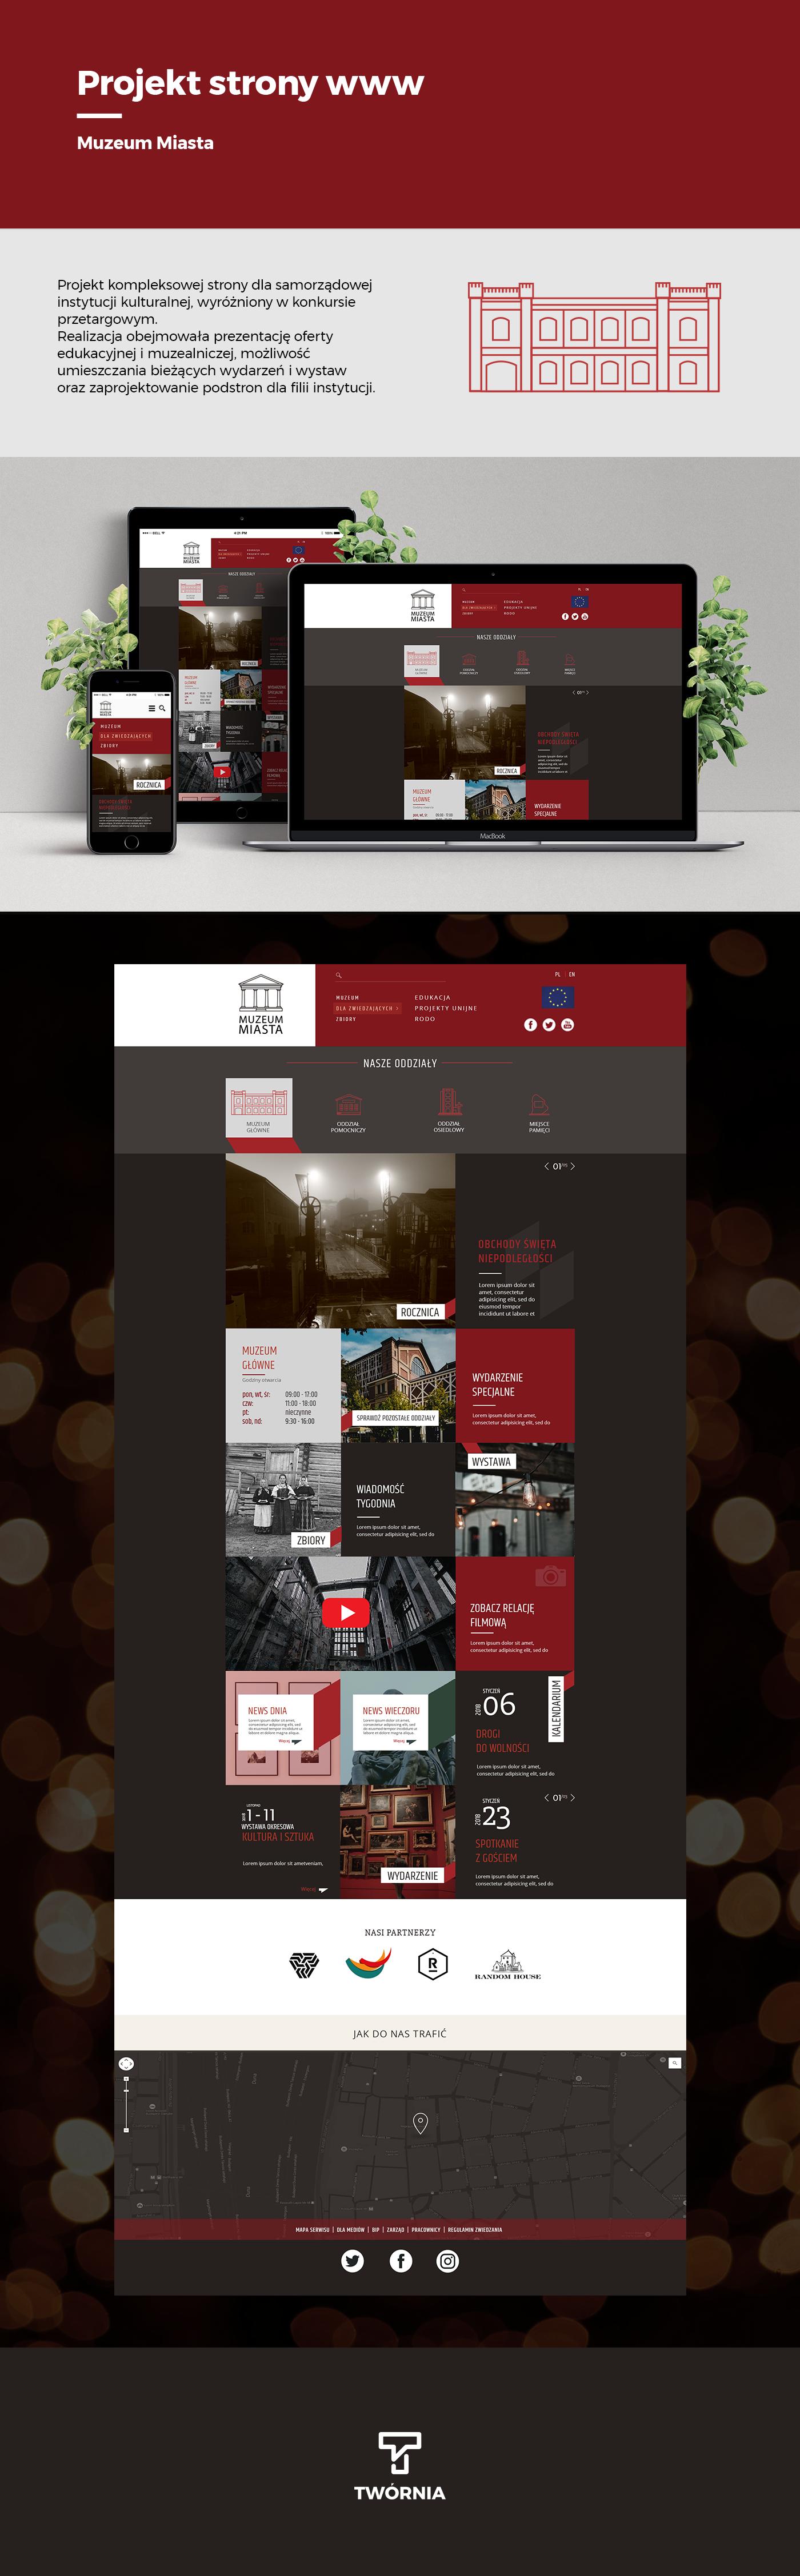 Webdesign www Strony Internetowe projektowanie stron Website site museum website project